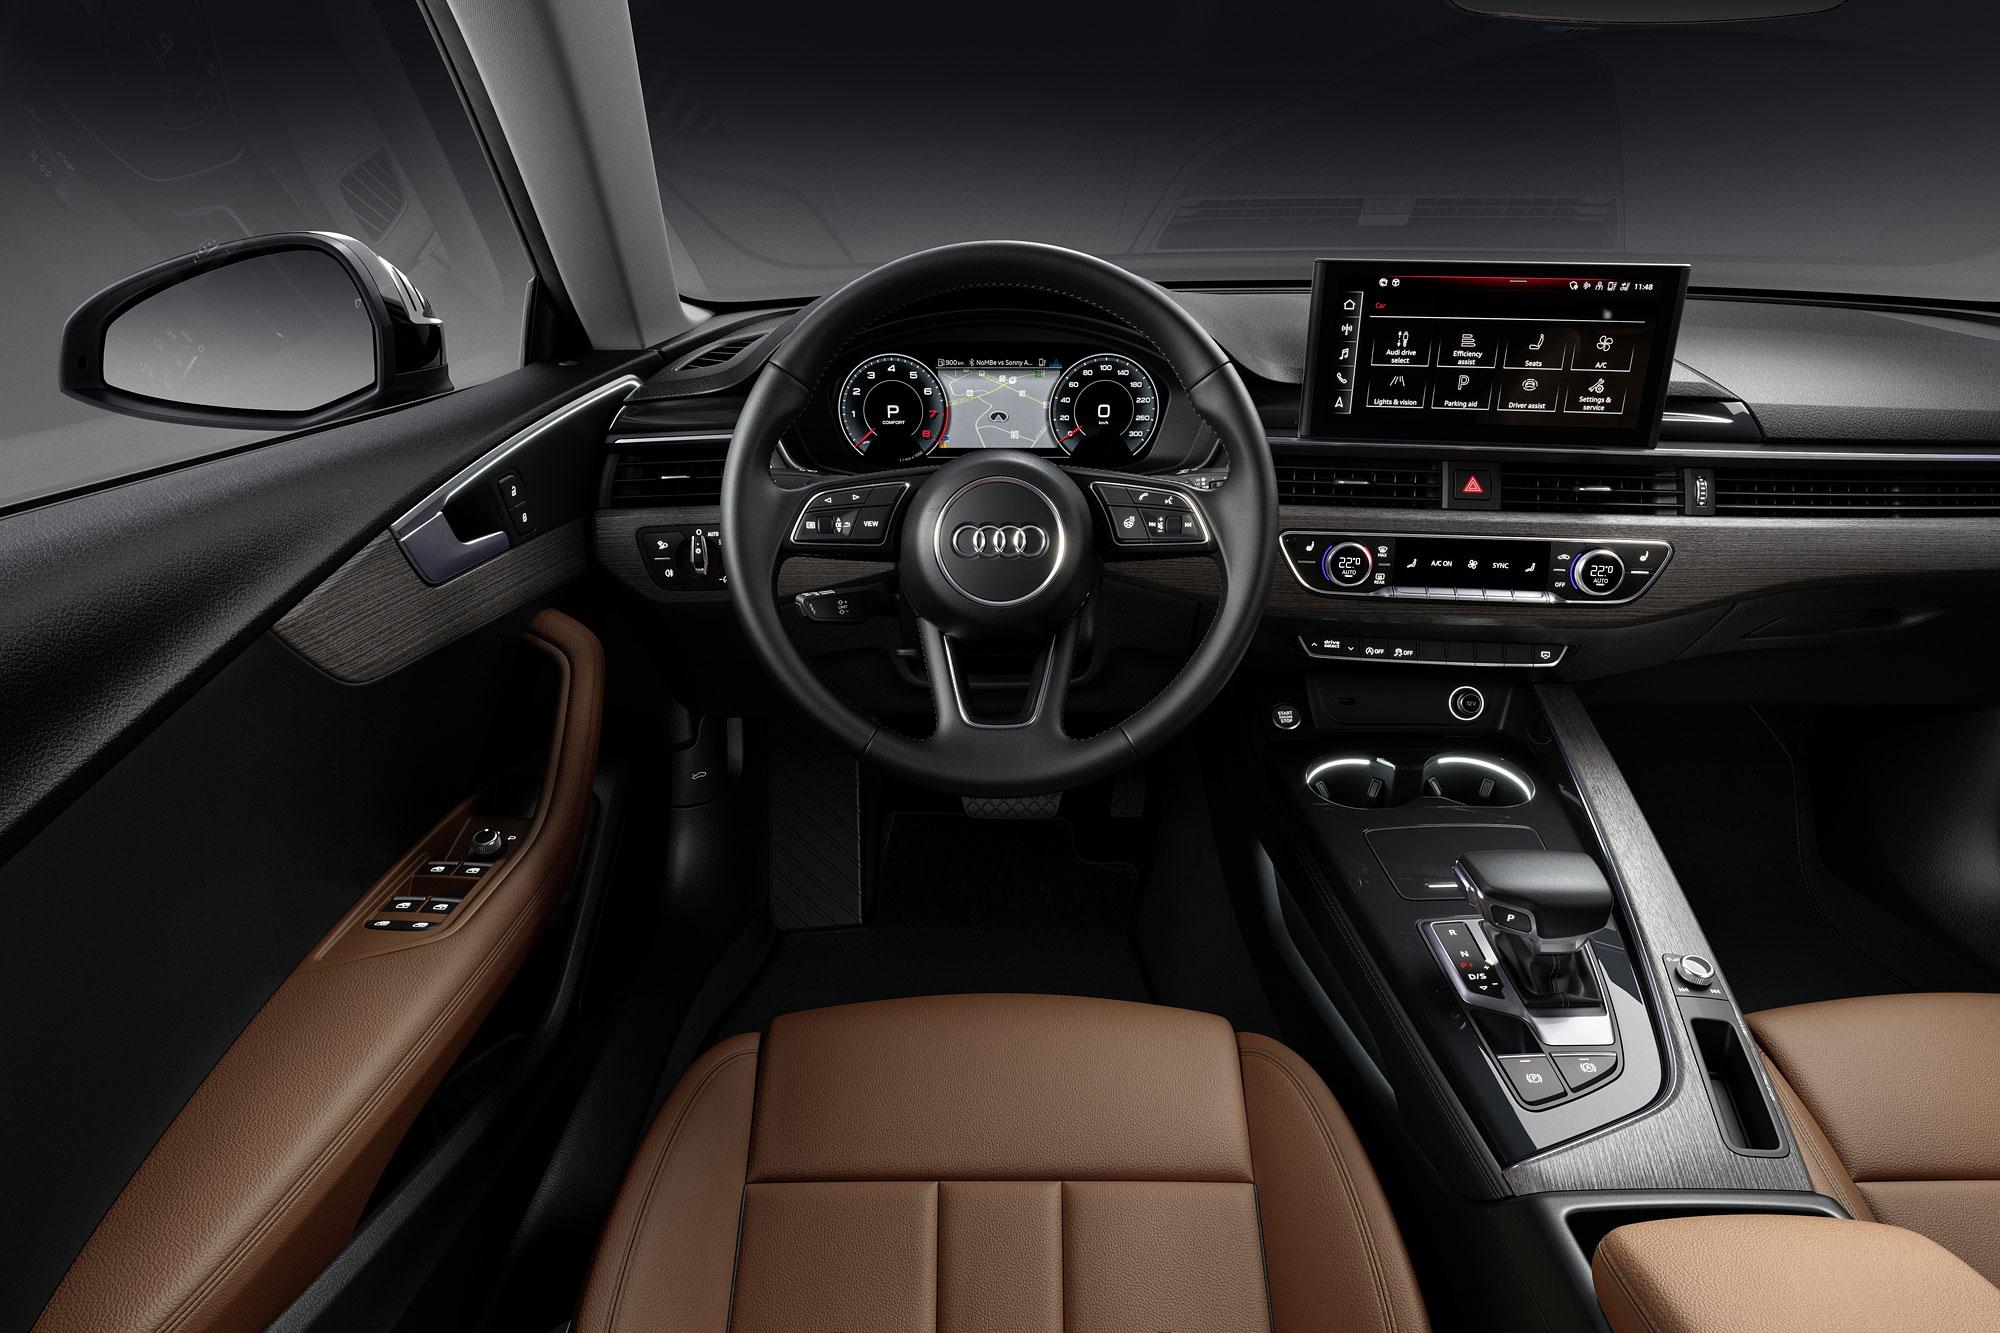 中控台螢幕升級為 10.1 吋觸控螢幕,並且引入 MMI Touch 版本。